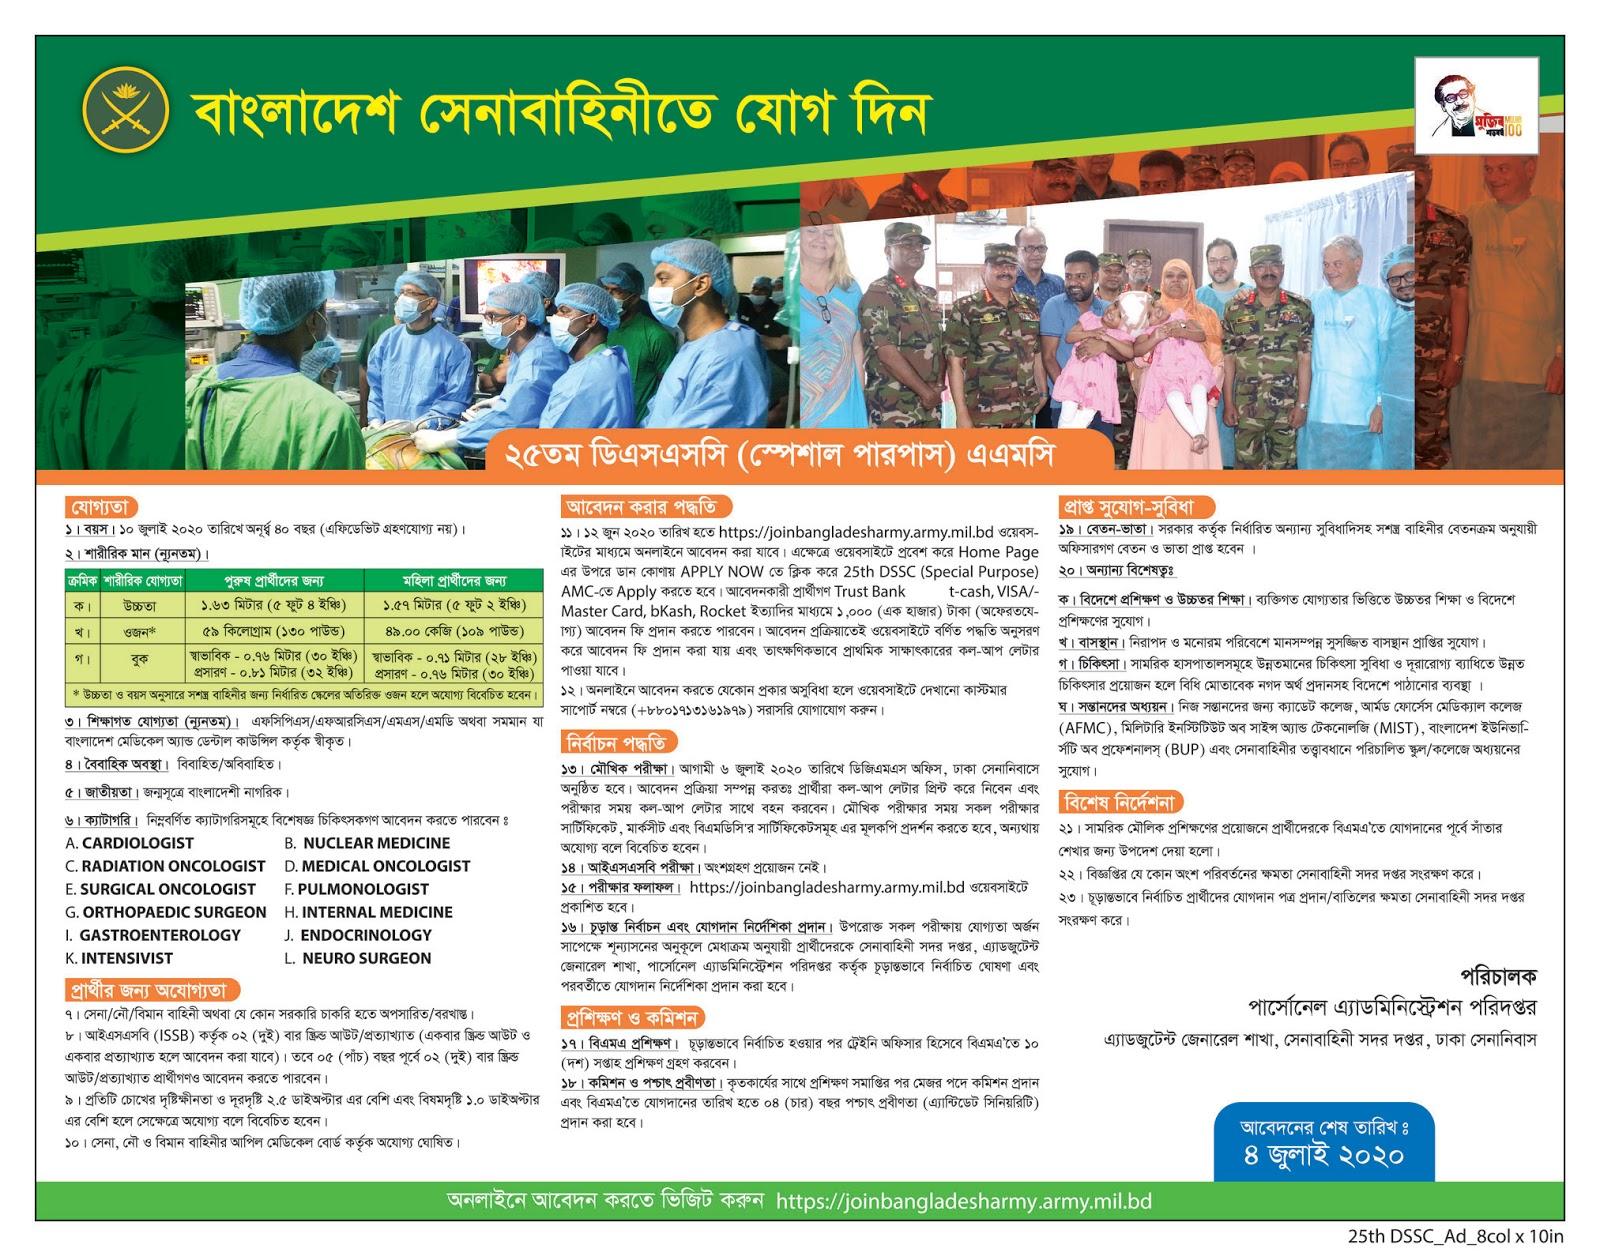 Bangladesh Army Job Circular 2020 | Joinbangladesharmy.mil.bd